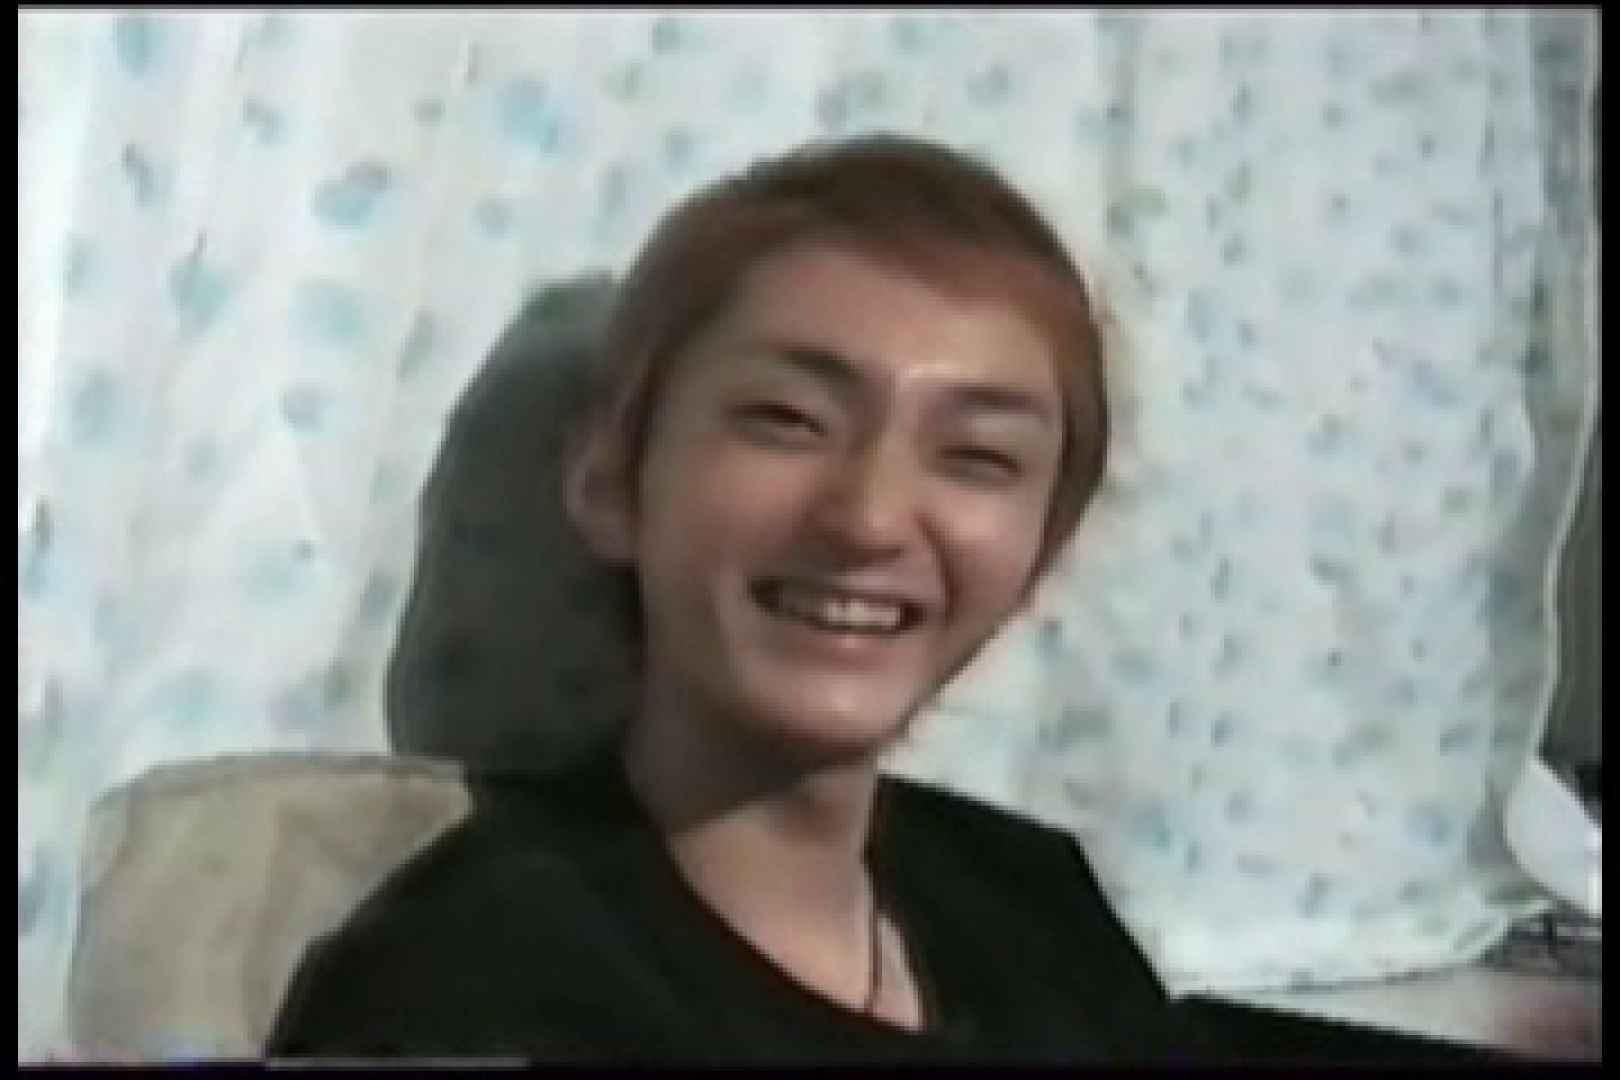 【流出】アイドルを目指したジャニ系イケメンの過去 流出作品 ゲイエロビデオ画像 72pic 52